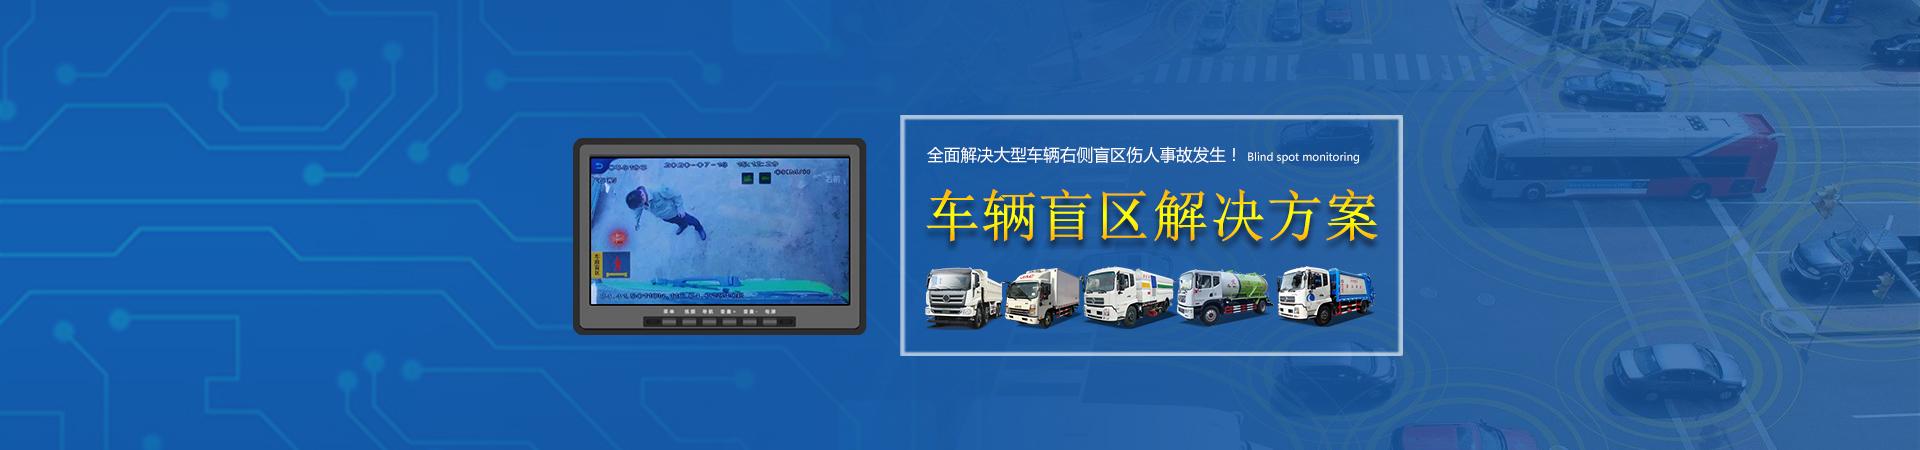 提供汽车盲区监测系统及解决方案